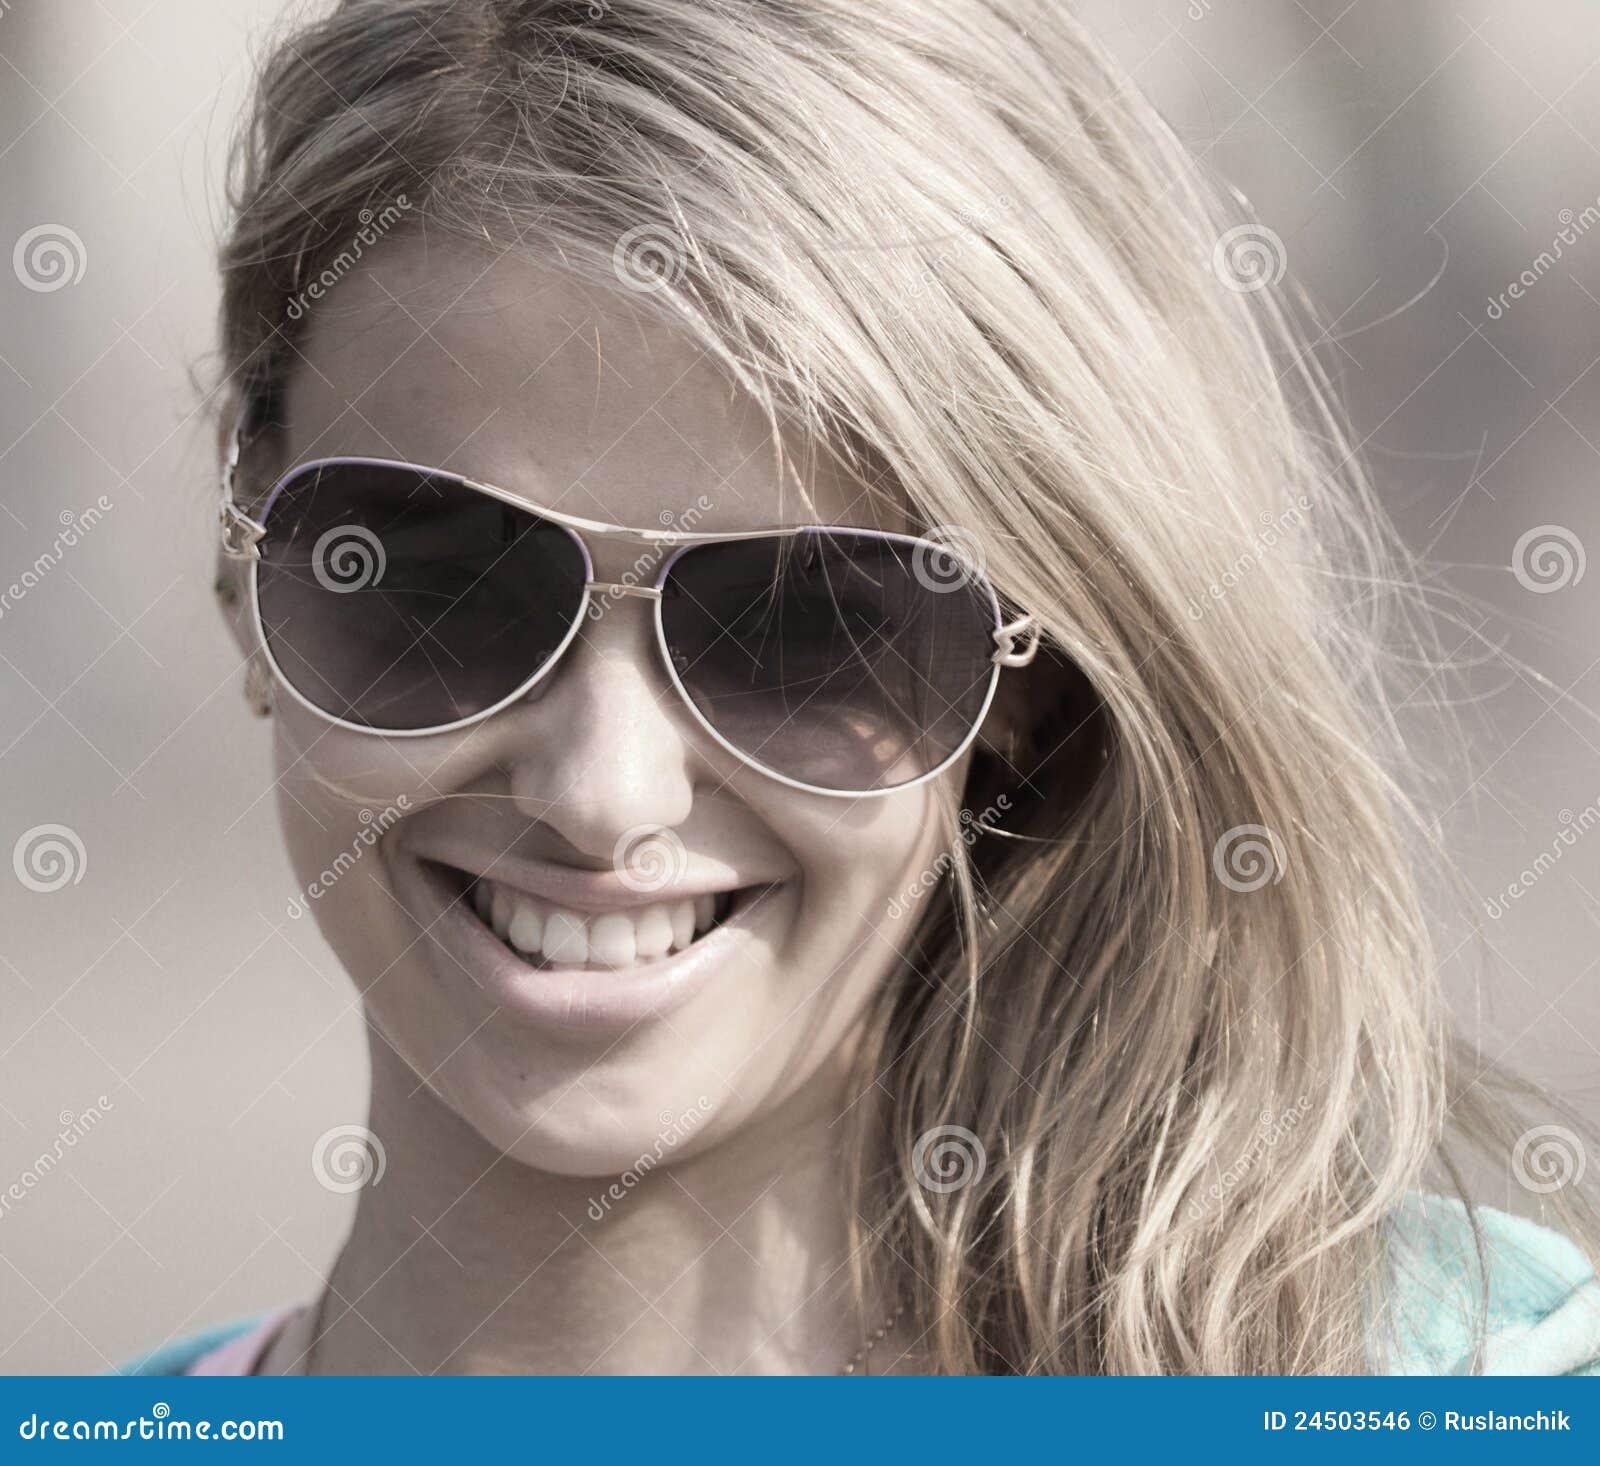 Фото девушки в темных очках 26 фотография